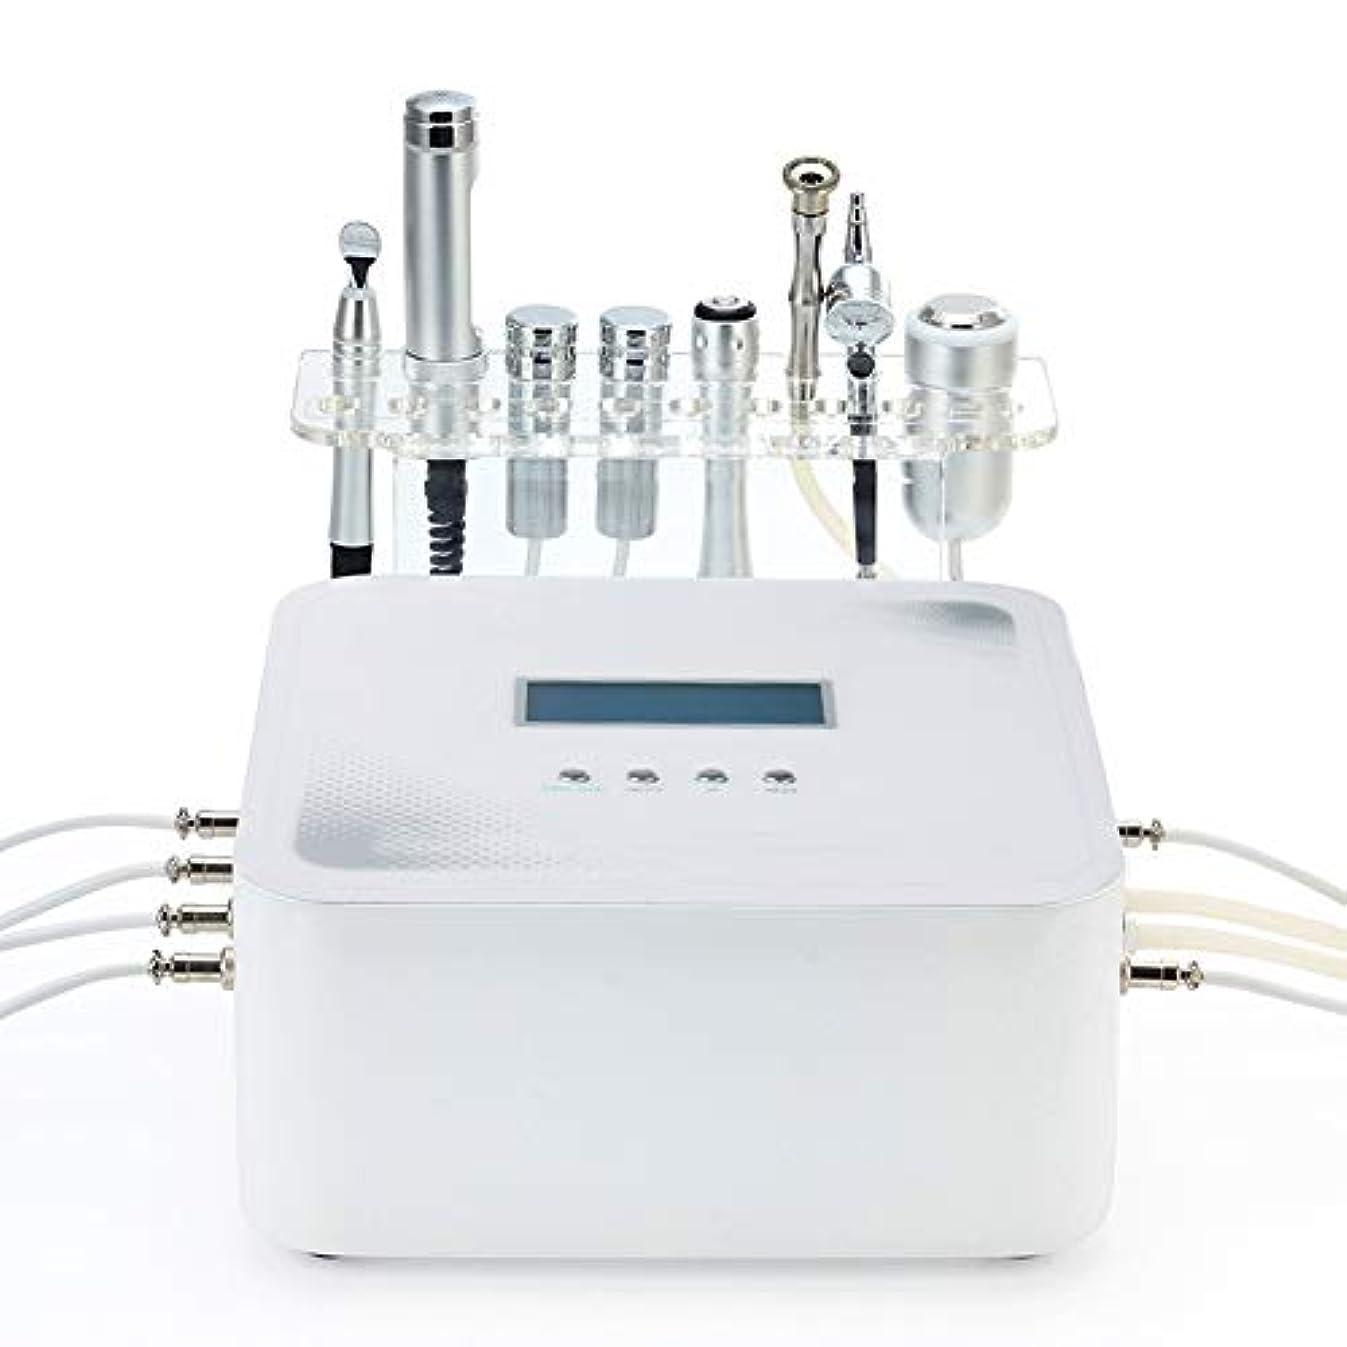 効能空虚ゴミ箱RFの無線周波数の顔機械、超音波RFの美の器械、皮の若返りのしわの取り外しの皮のきつく締まる心配のための1つの顔機械に付き6つ